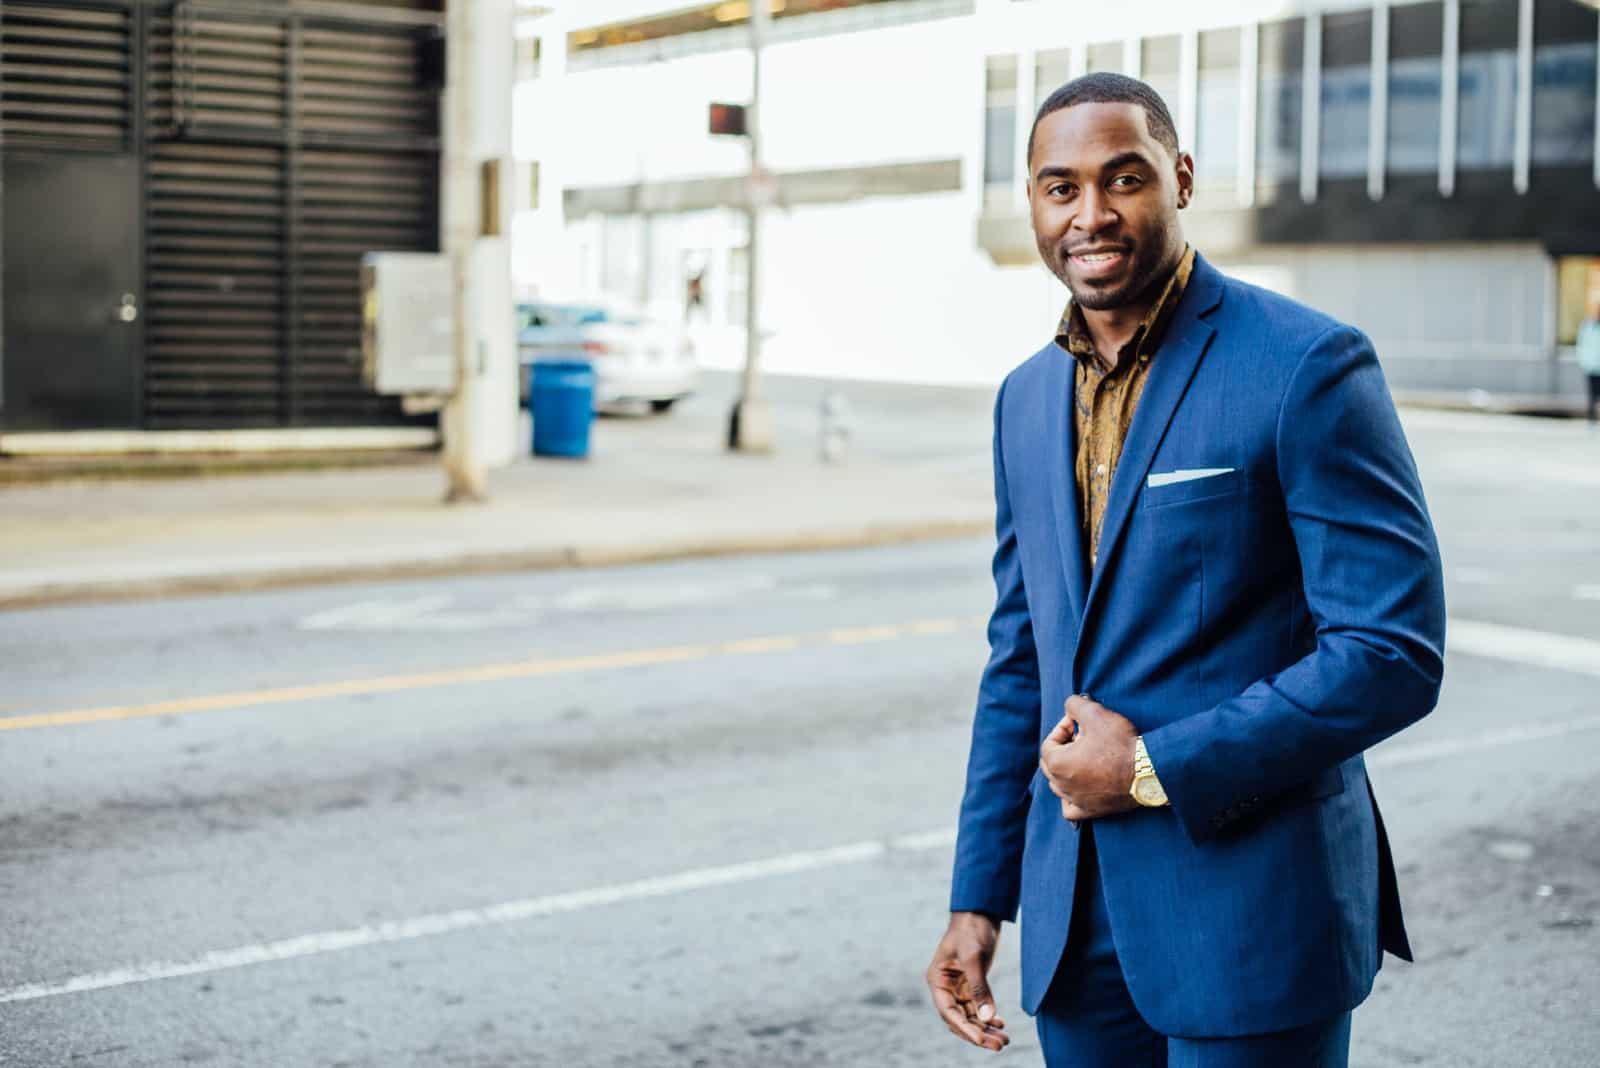 homme heureux en costume bleu debout dans la rue